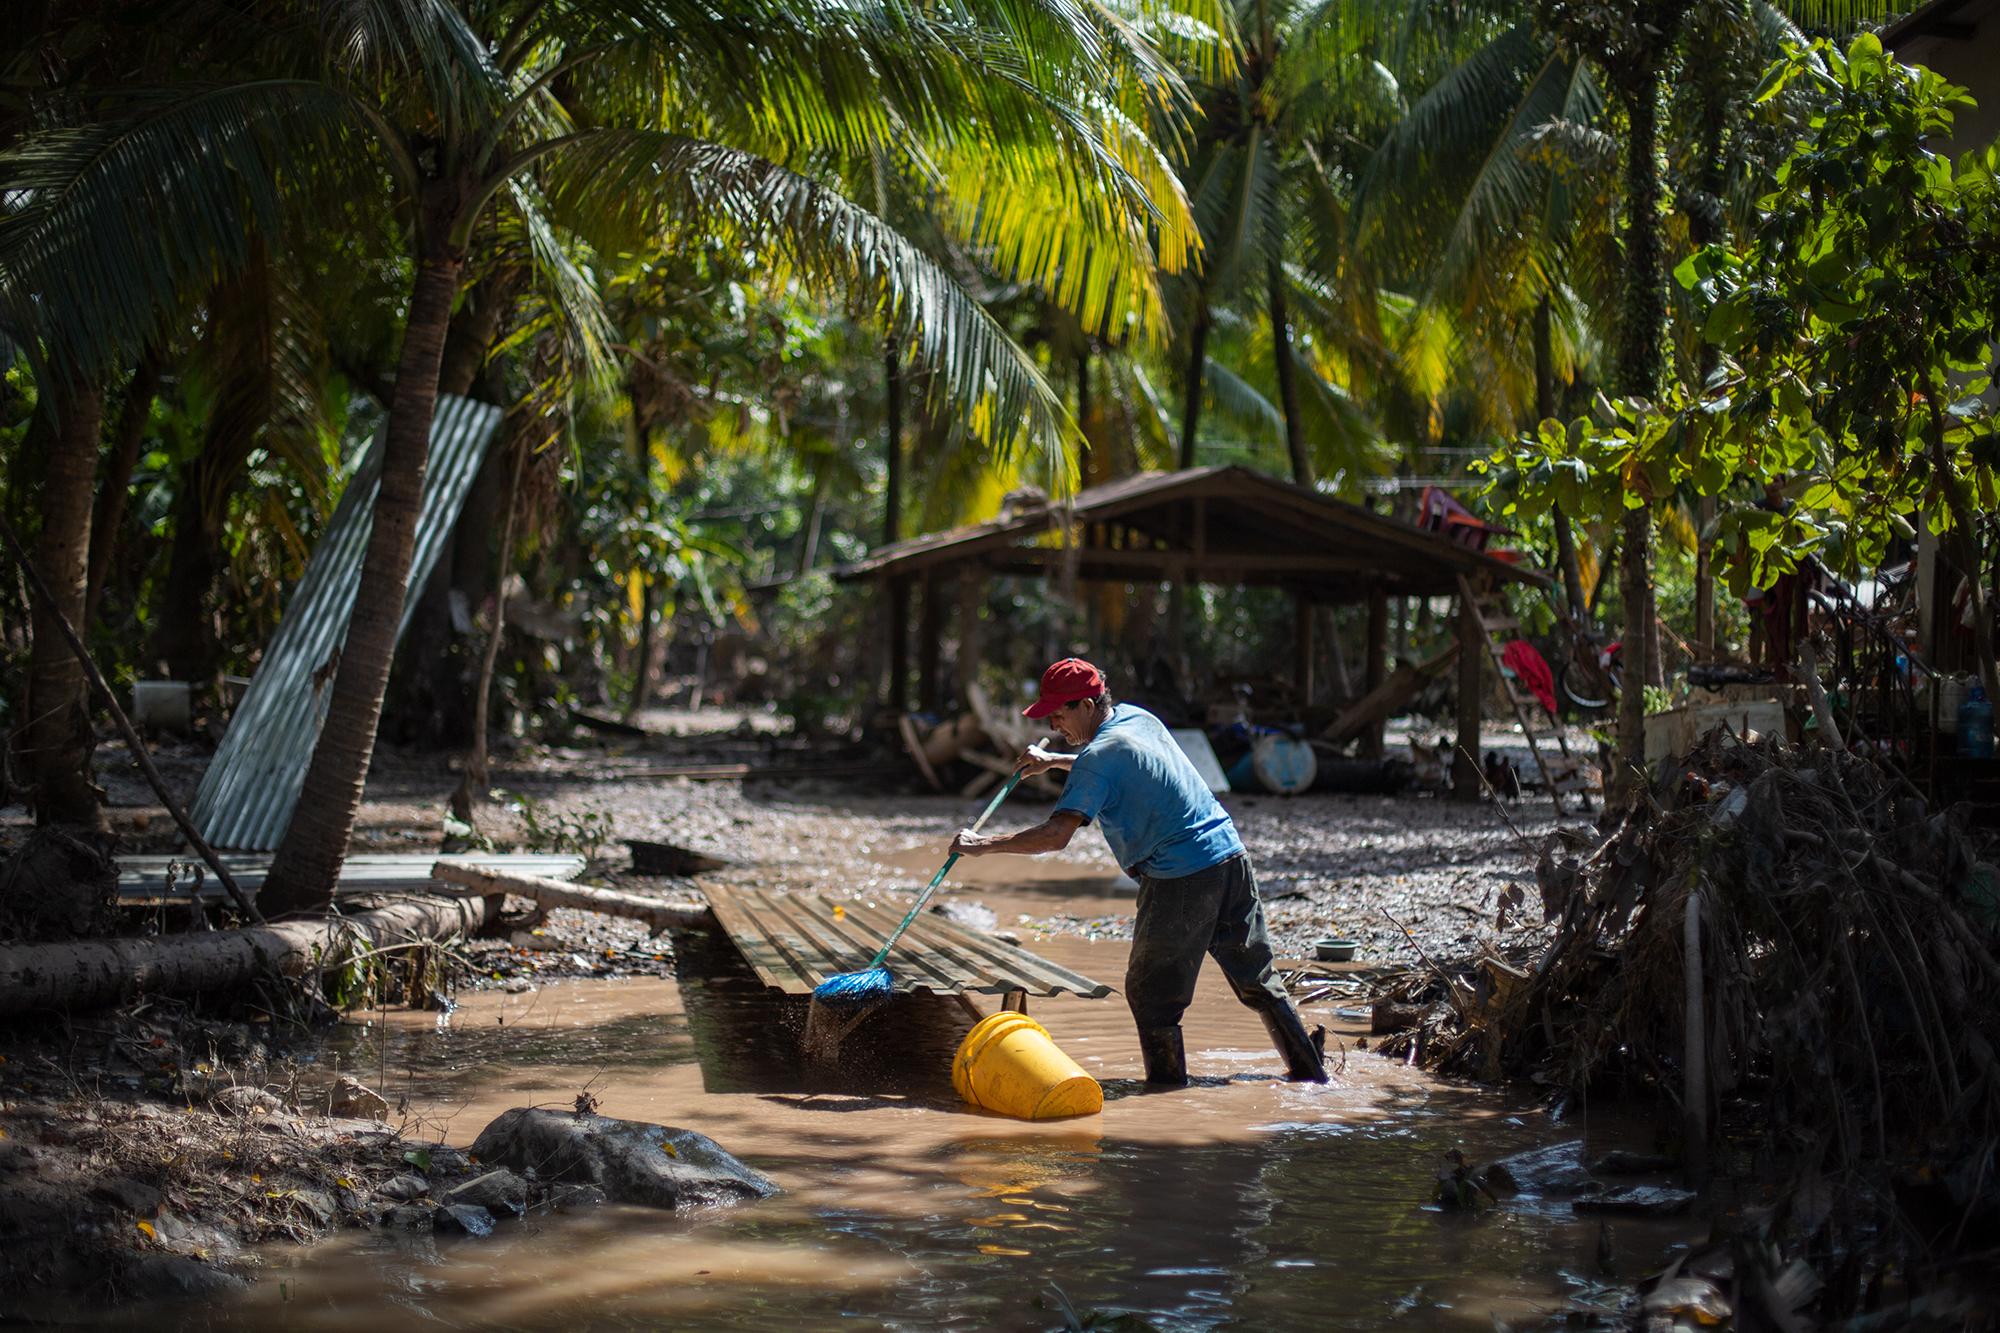 José Aristides de 58 años, de la comunidad de El Sofoco en Baracoa, lava todas las cosas que puede rescatar del lodo y el agua aún visible en el patio de su casa. Baracoa, Cortés, 15 de noviembre de 2020. Foto: Martín Cálix.